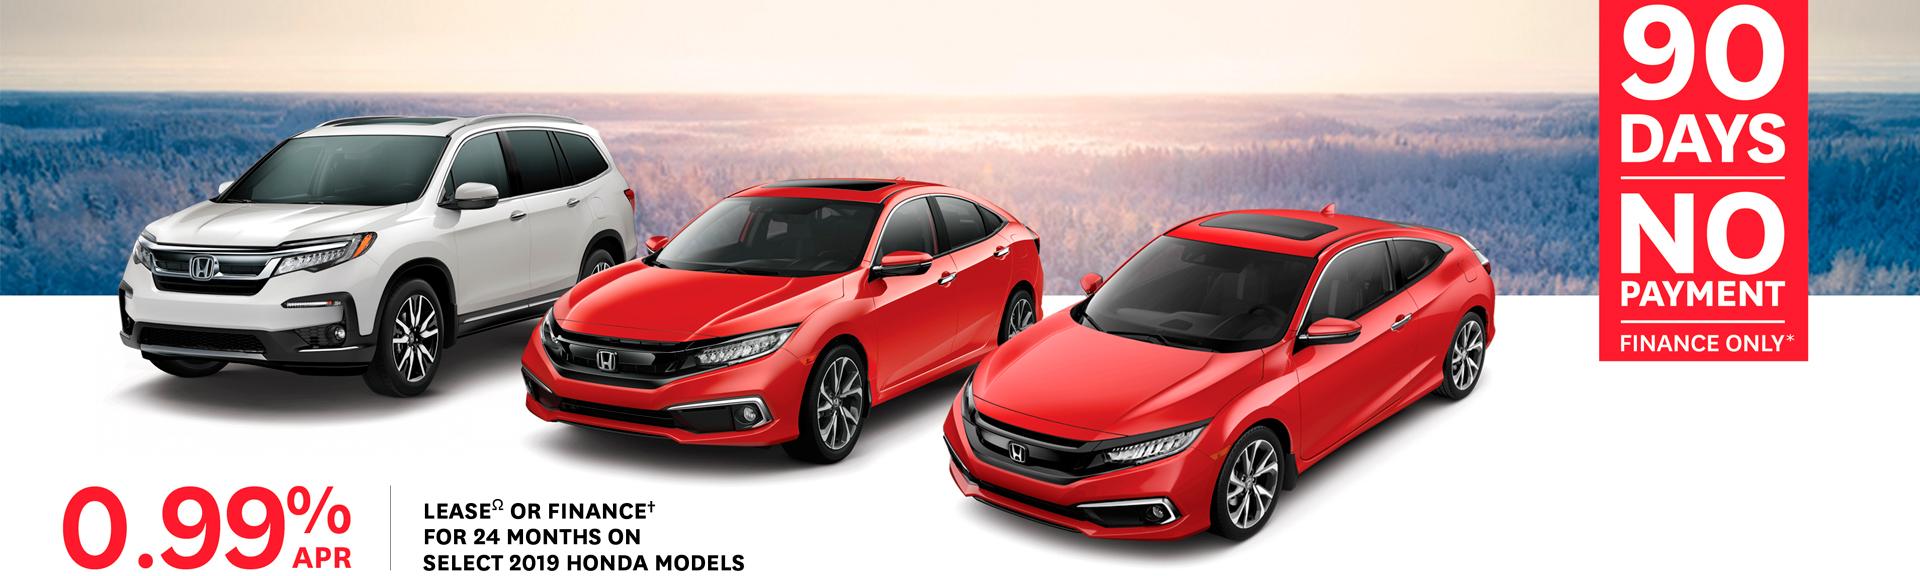 2019 Honda Rates